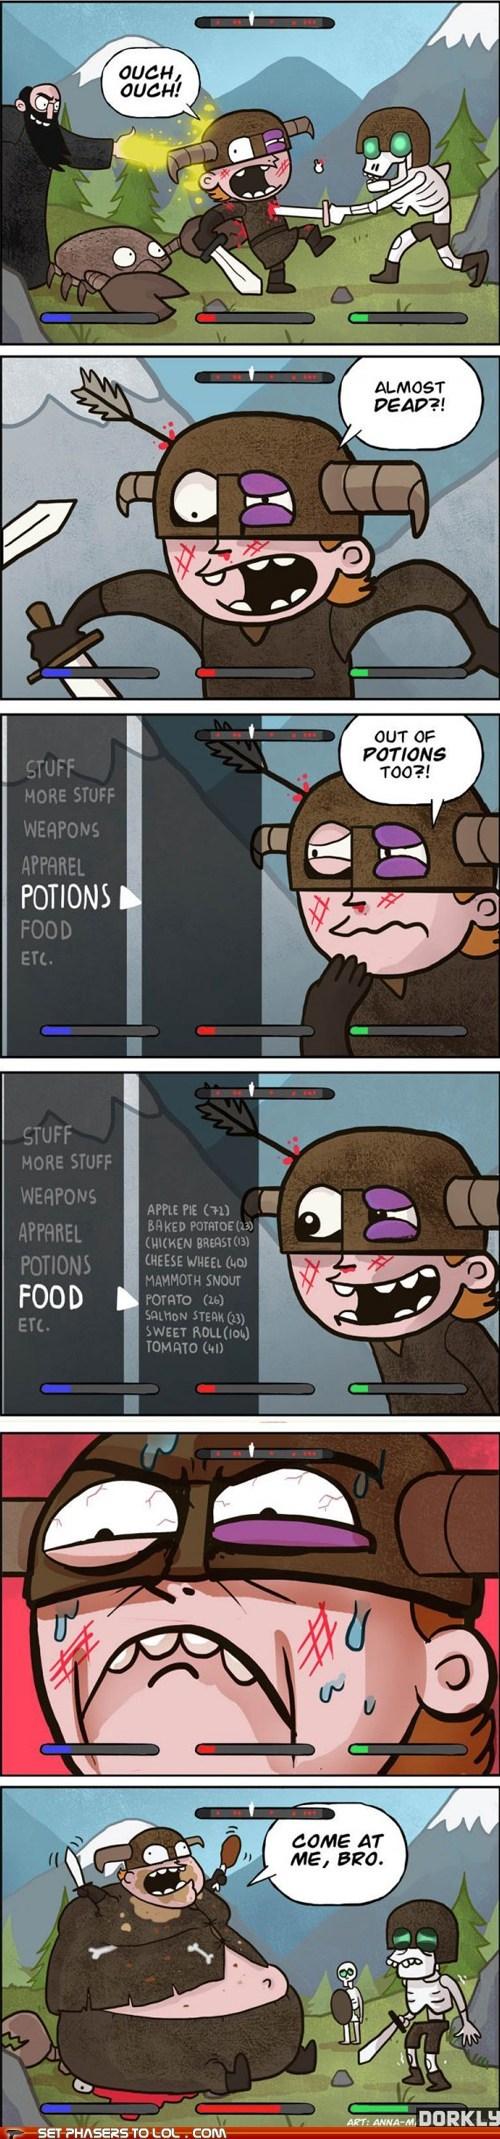 comic,damage,dead,desperate,eating,fat,food,healing,last resort,Skyrim